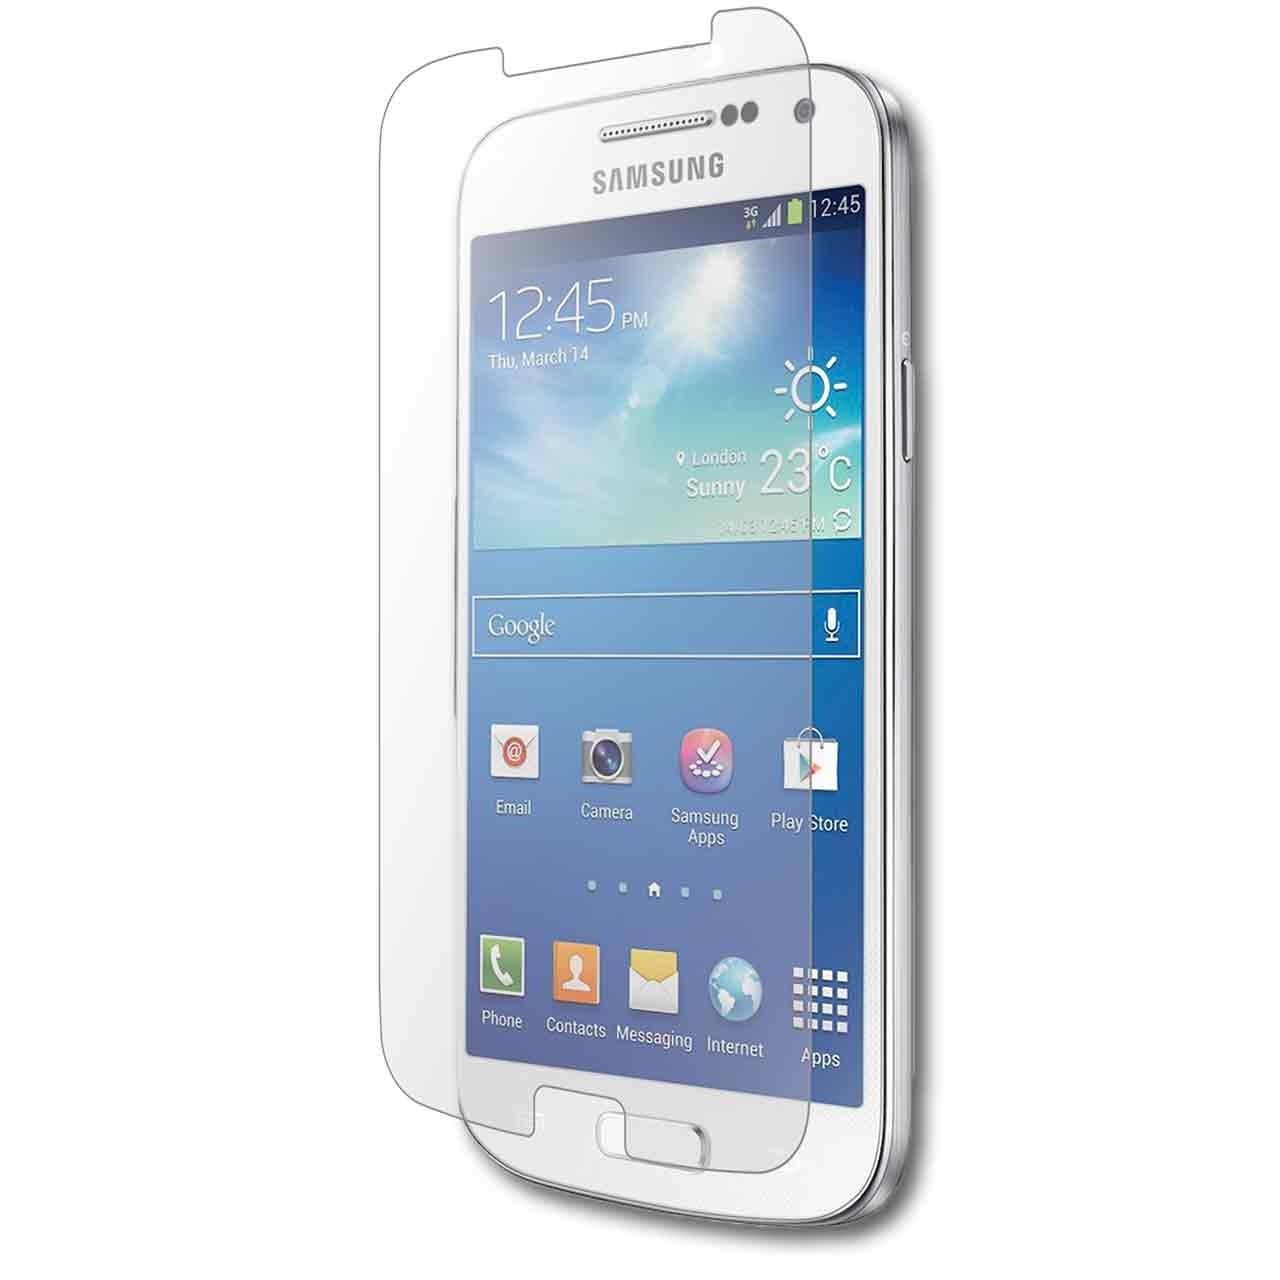 محافظ صفحه نمایش شیشه ای 9H برای گوشی سامسونگ S4